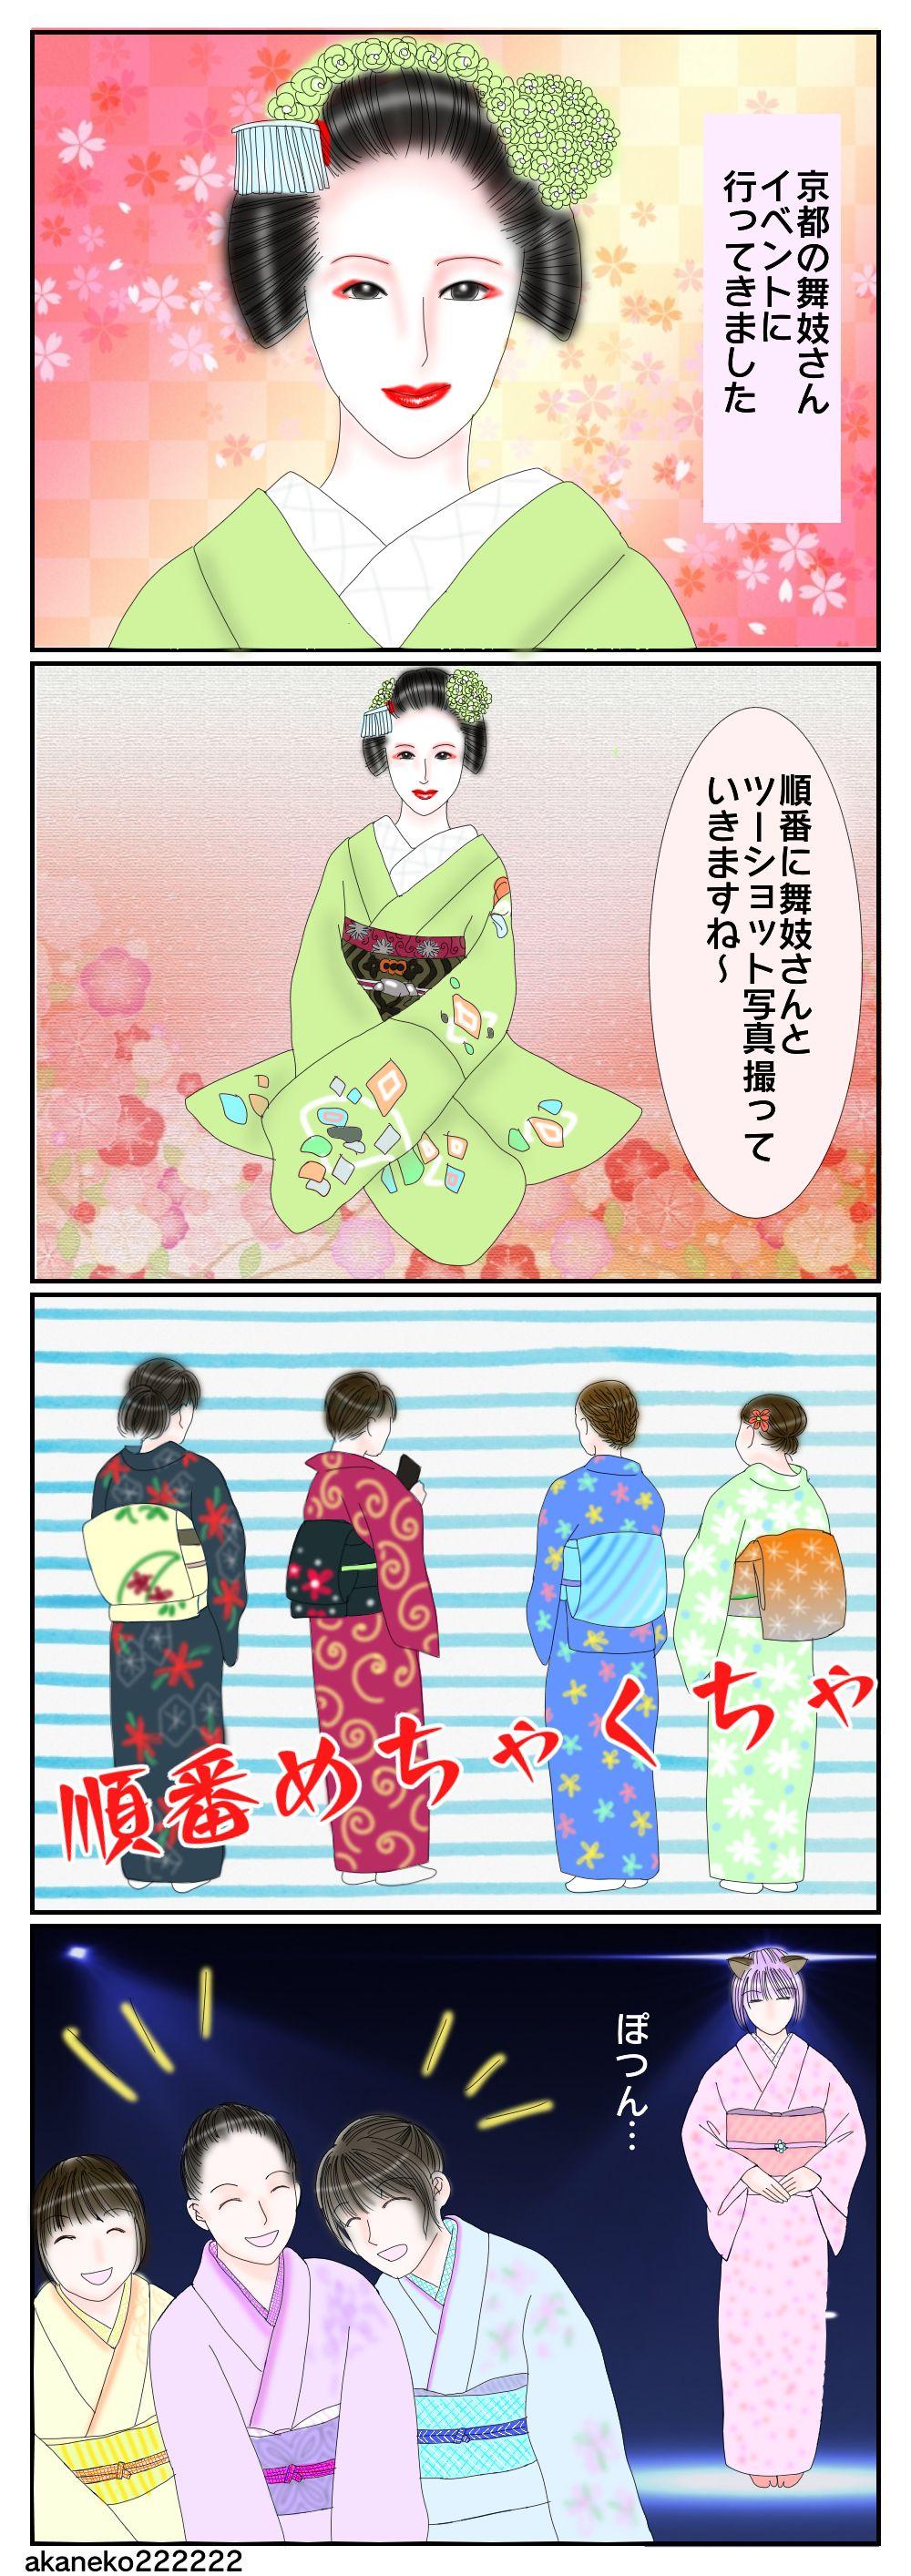 祇園甲部の舞妓さん多都葉さんの四コマ漫画